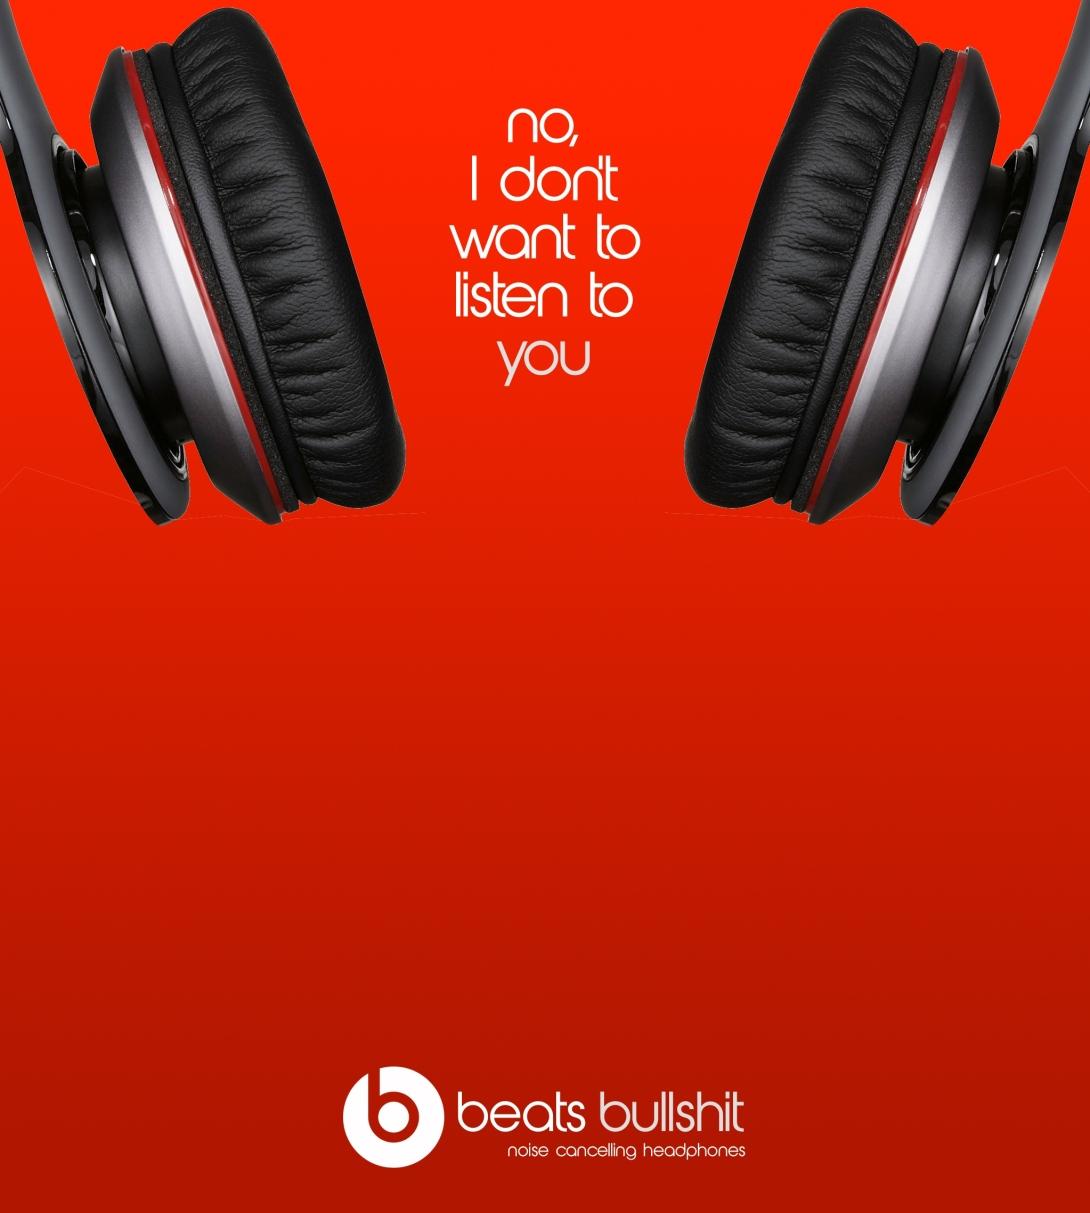 Advertising concept for noise cancelling headphones - beats bullshit